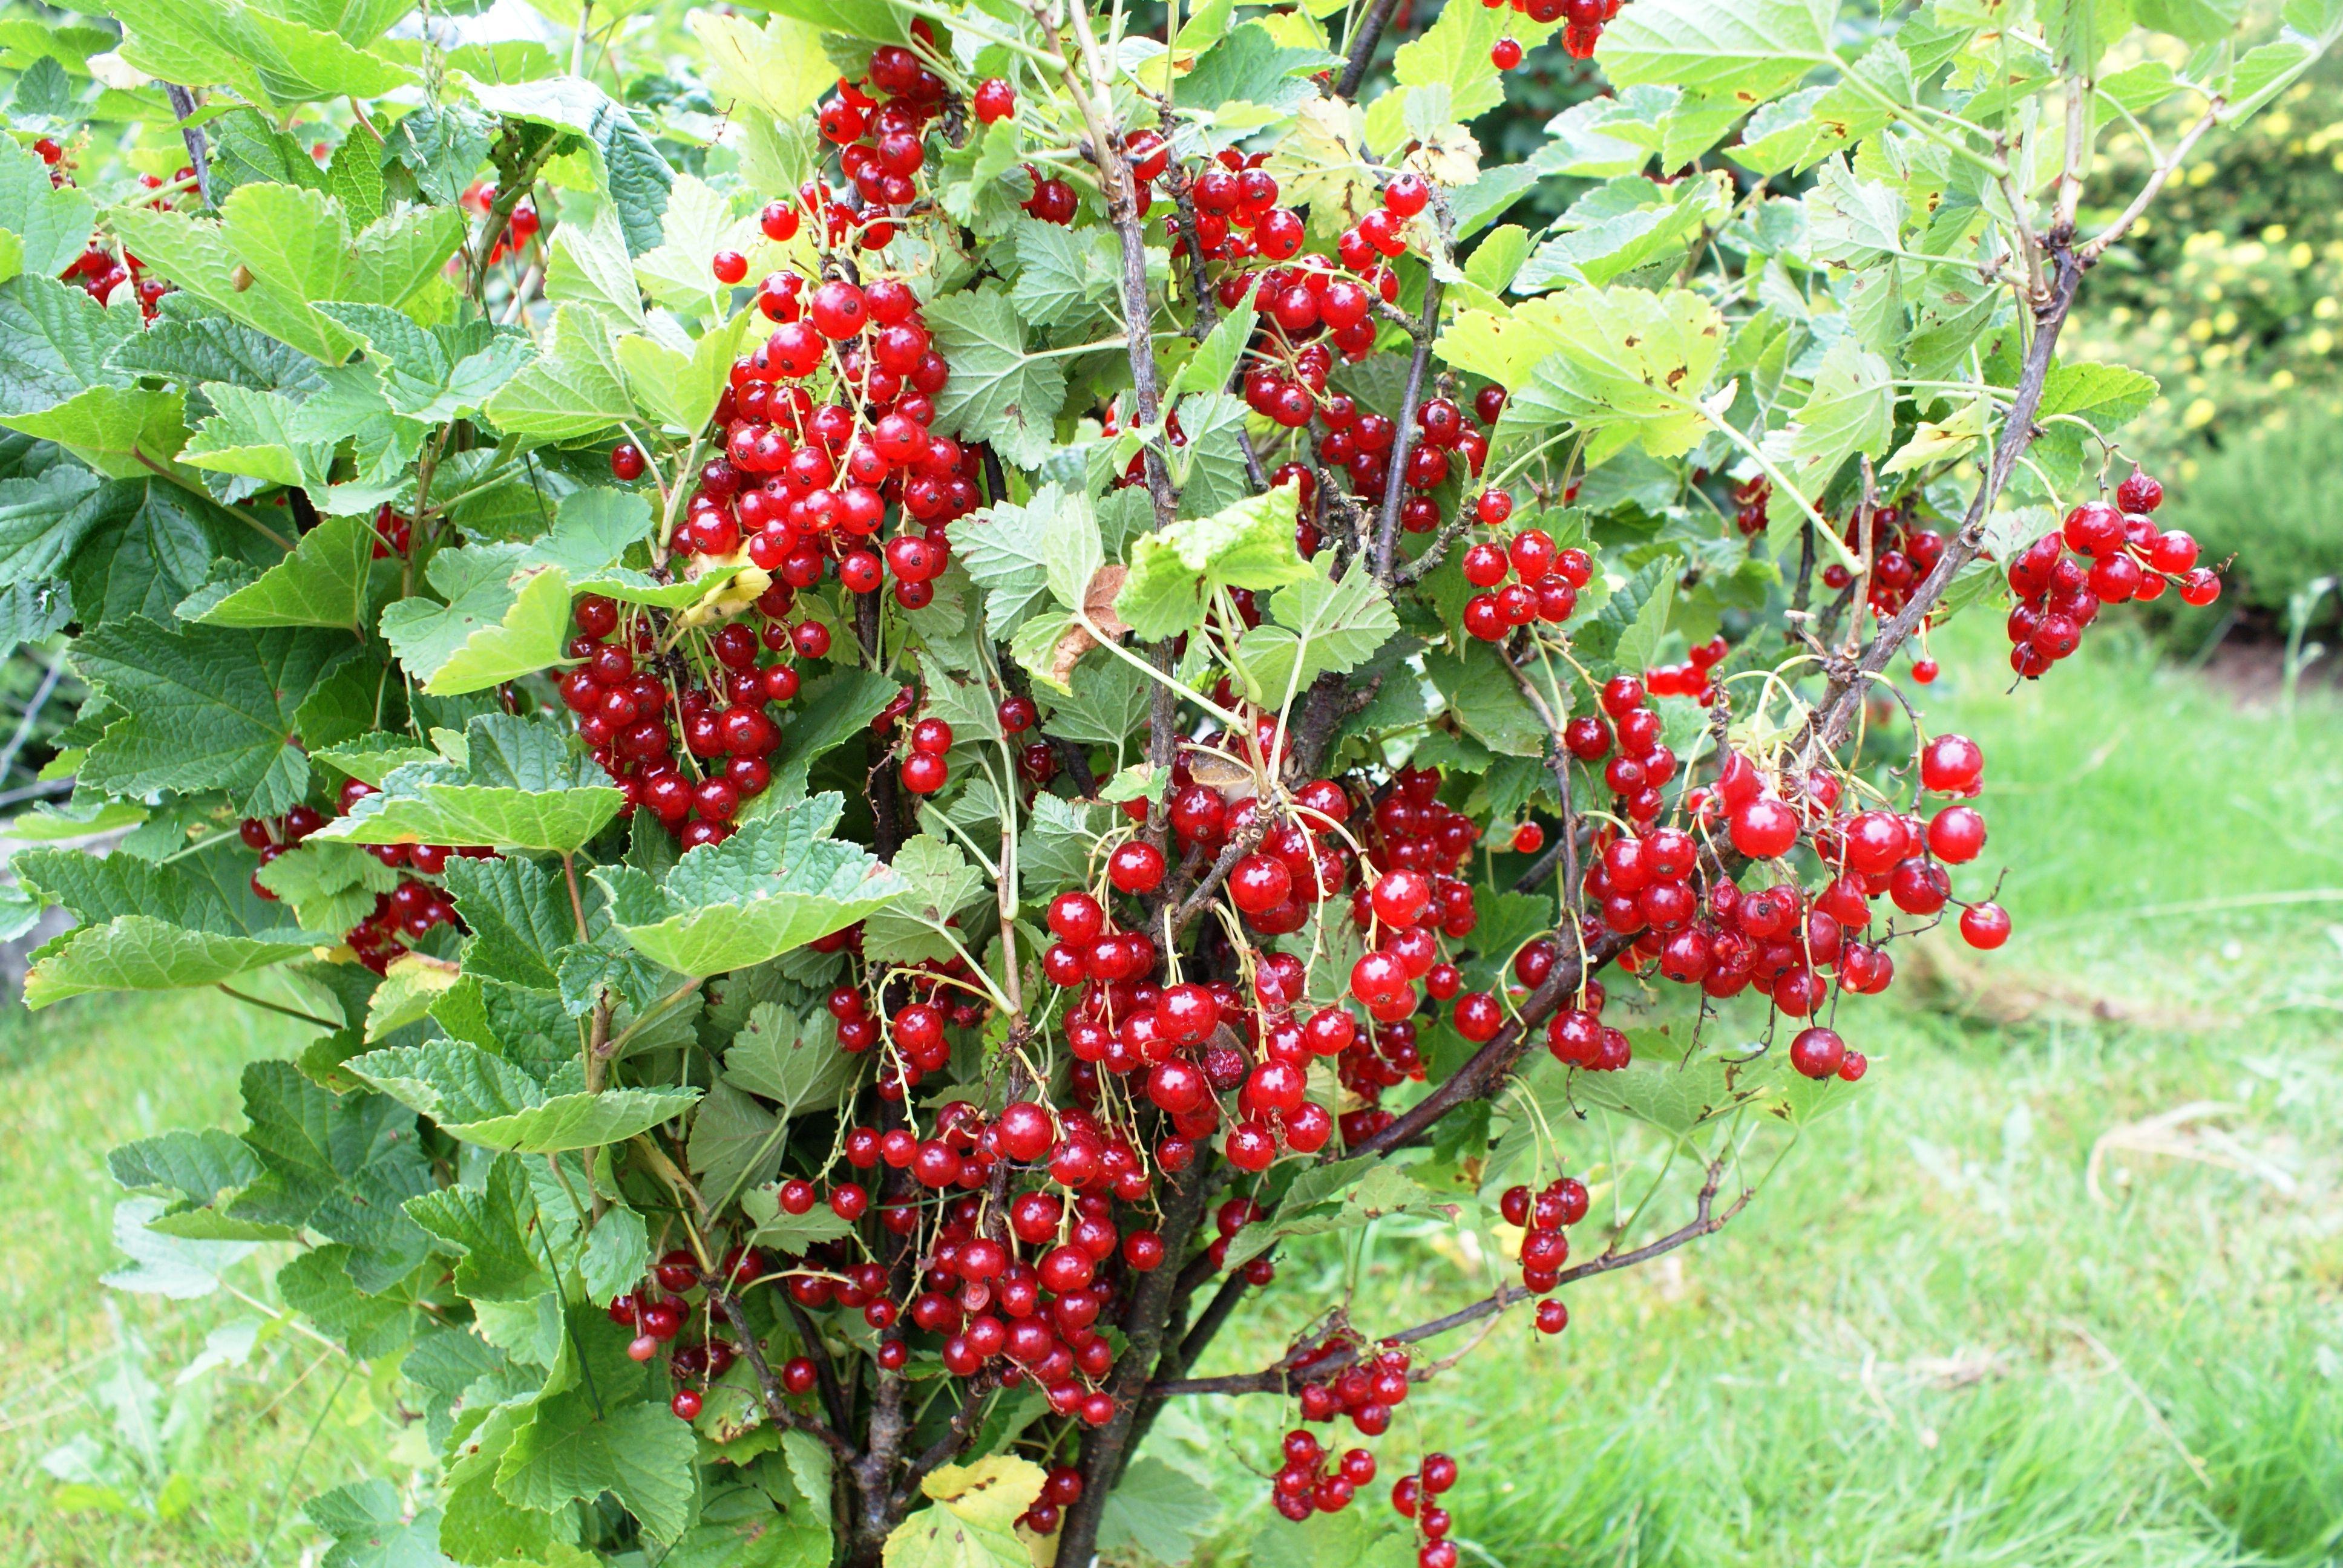 Ribiselstrauch rote Johannisbeere Garten Ideen